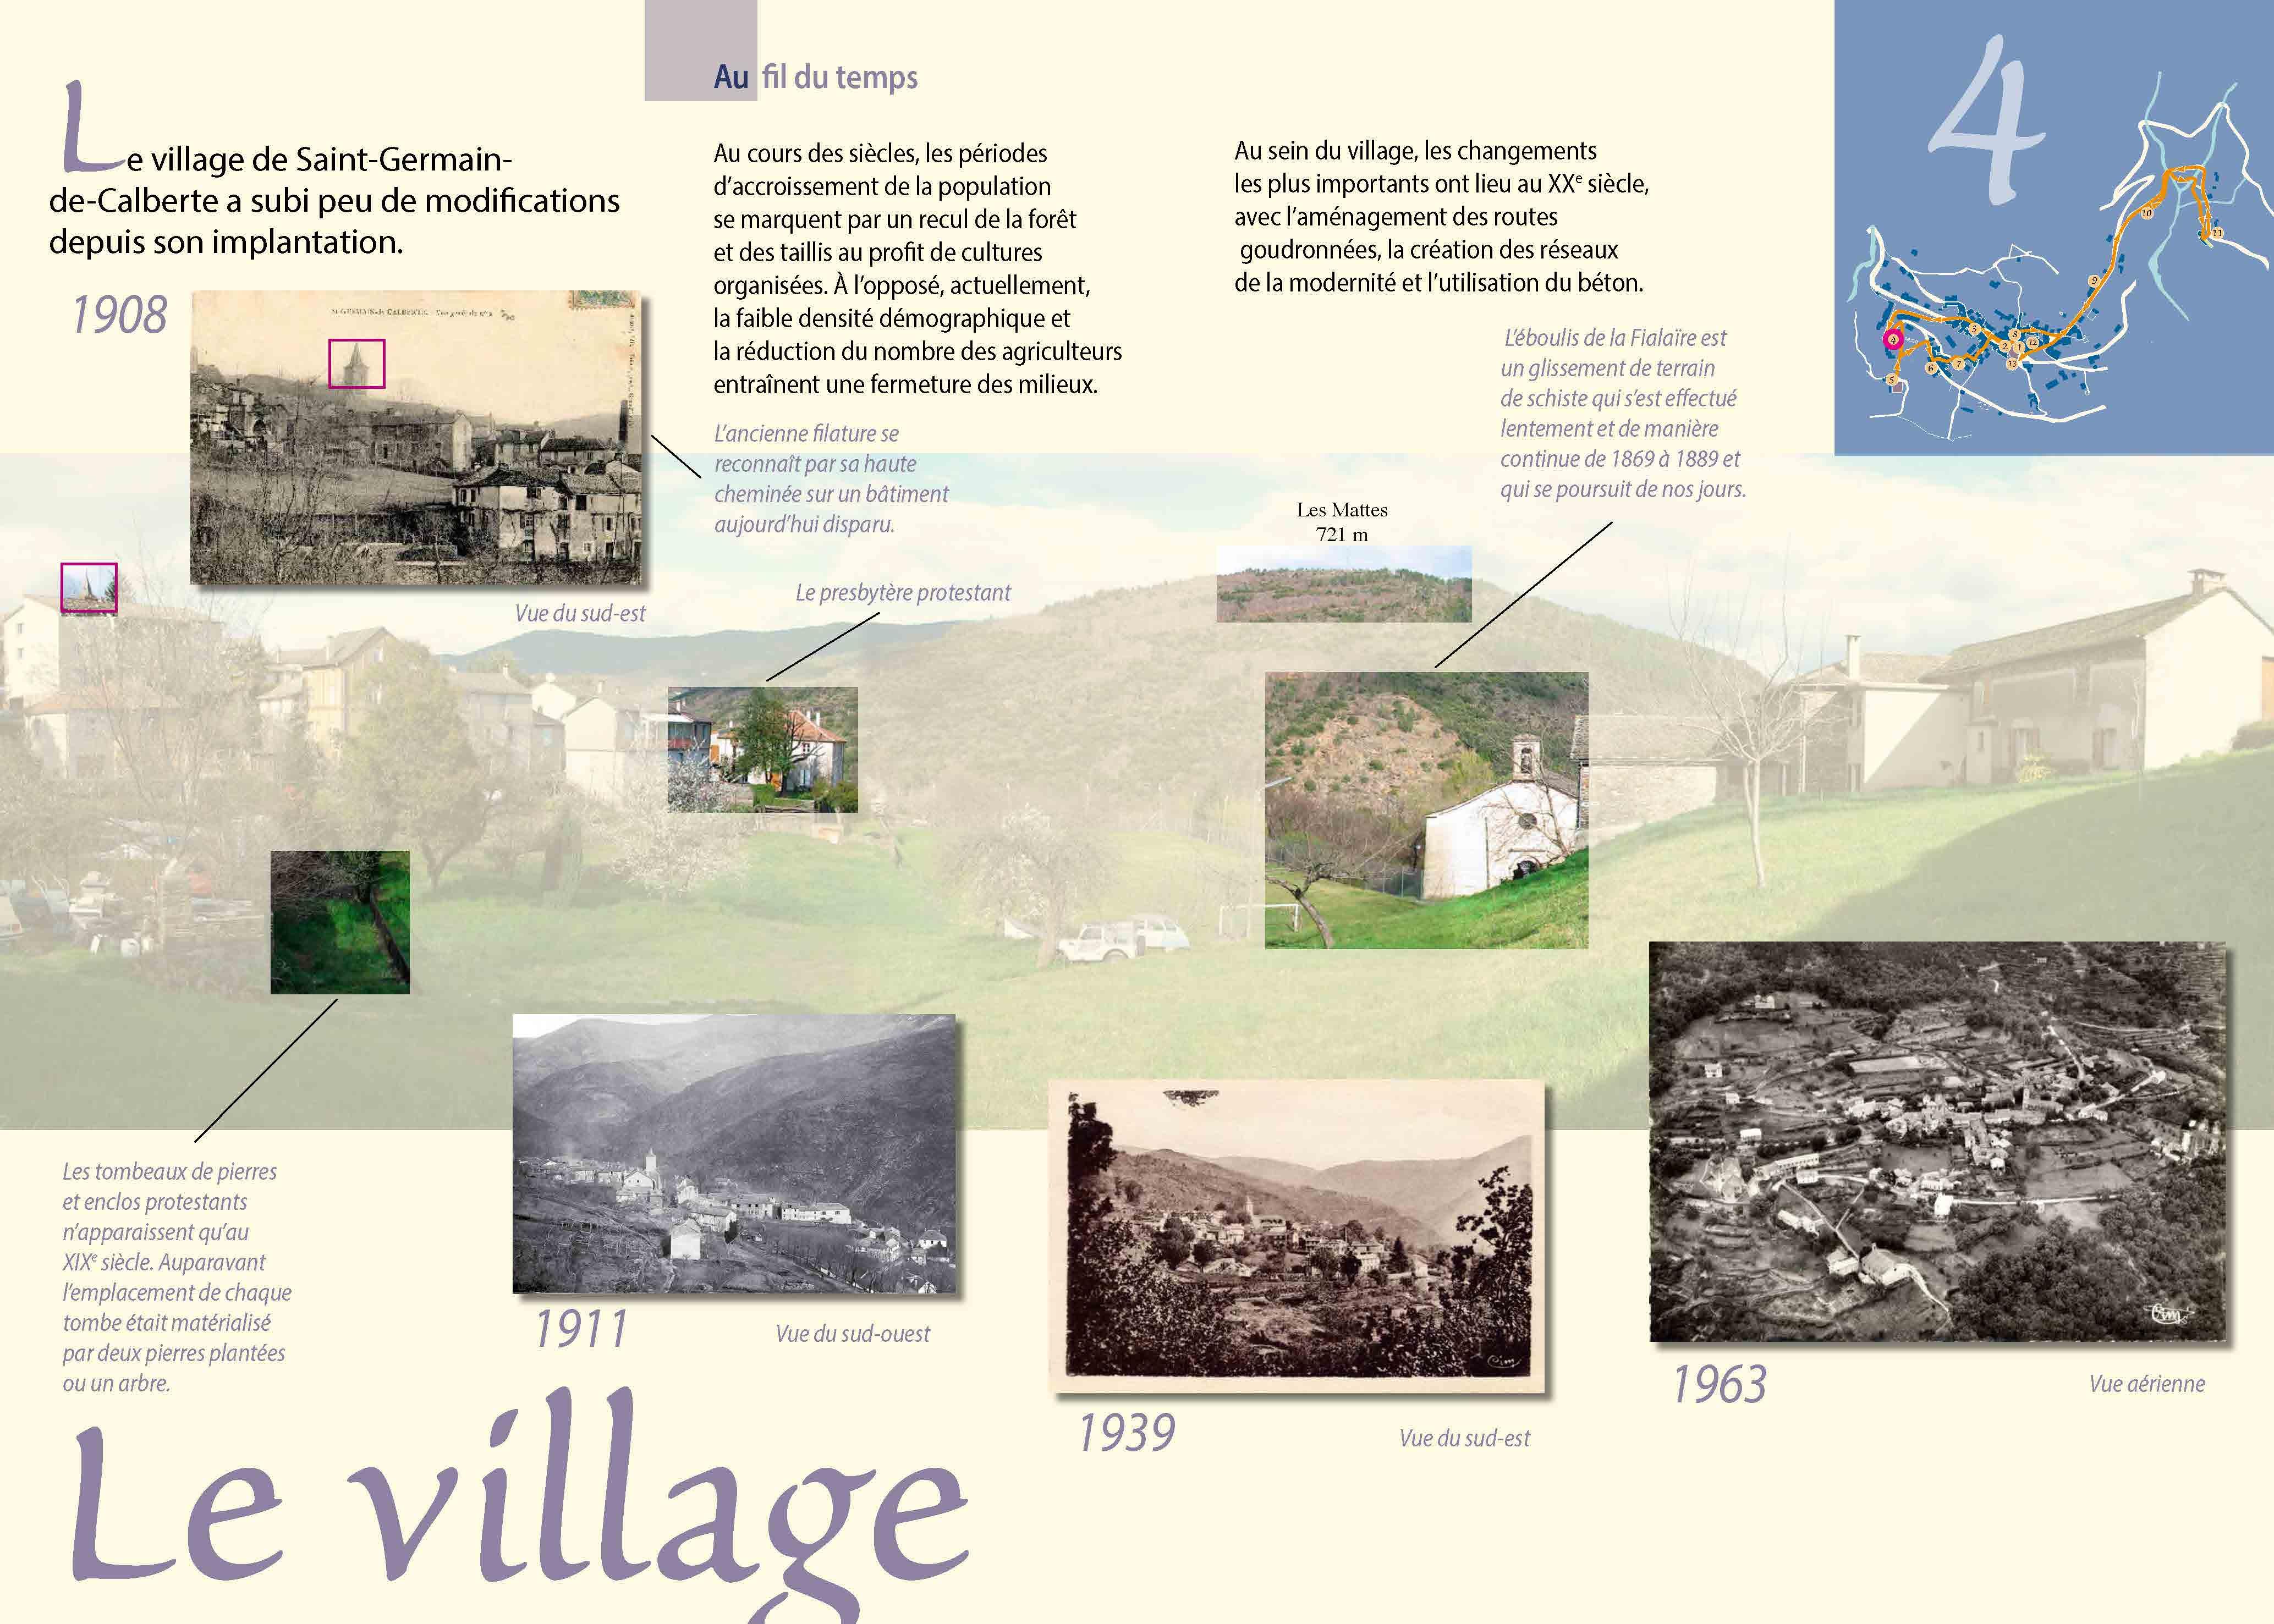 Lecture de paysage de Saint-Germain-de-Calberte